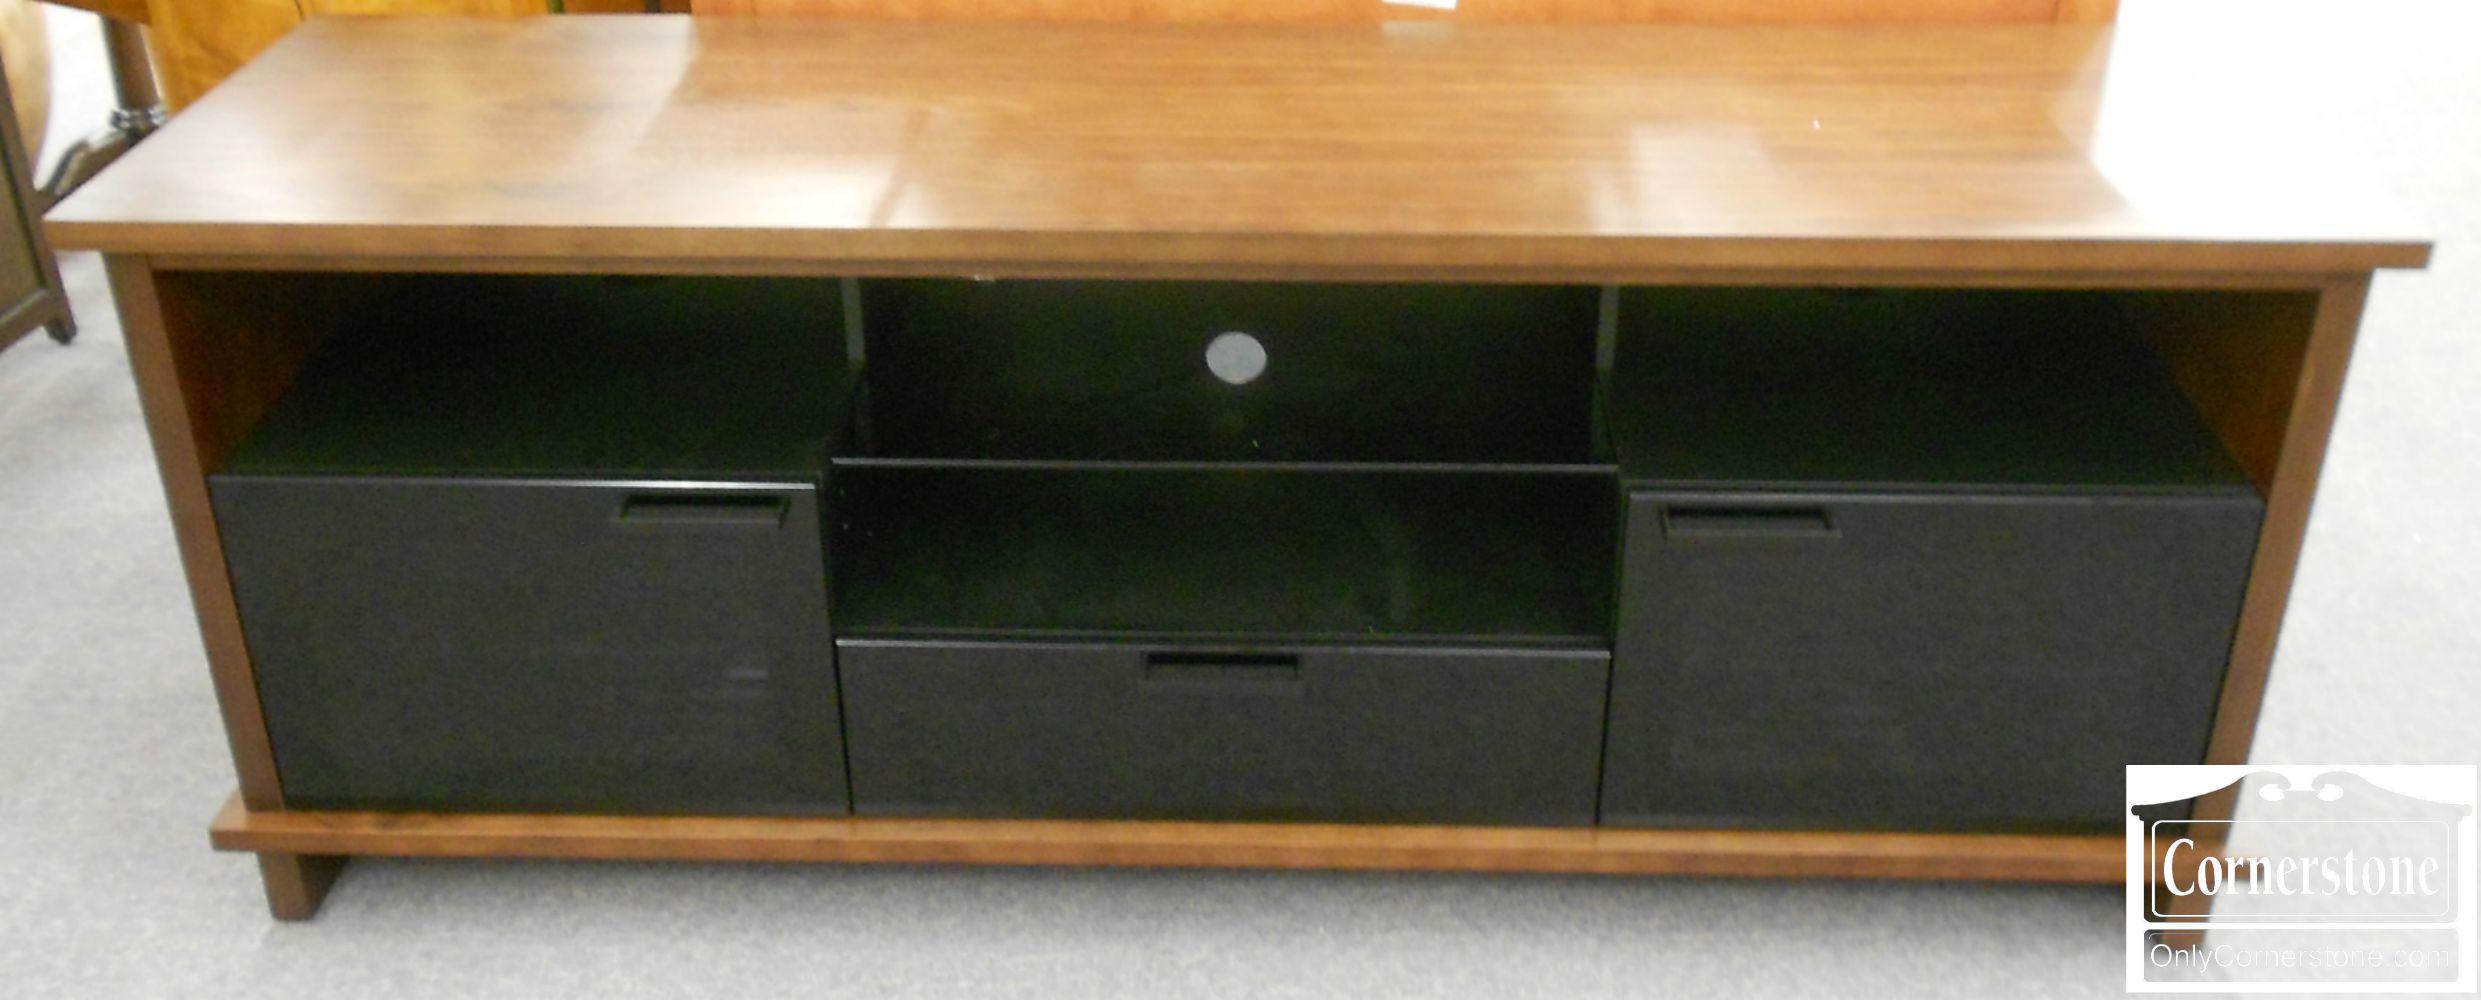 5208-813 BDI TV Media Console